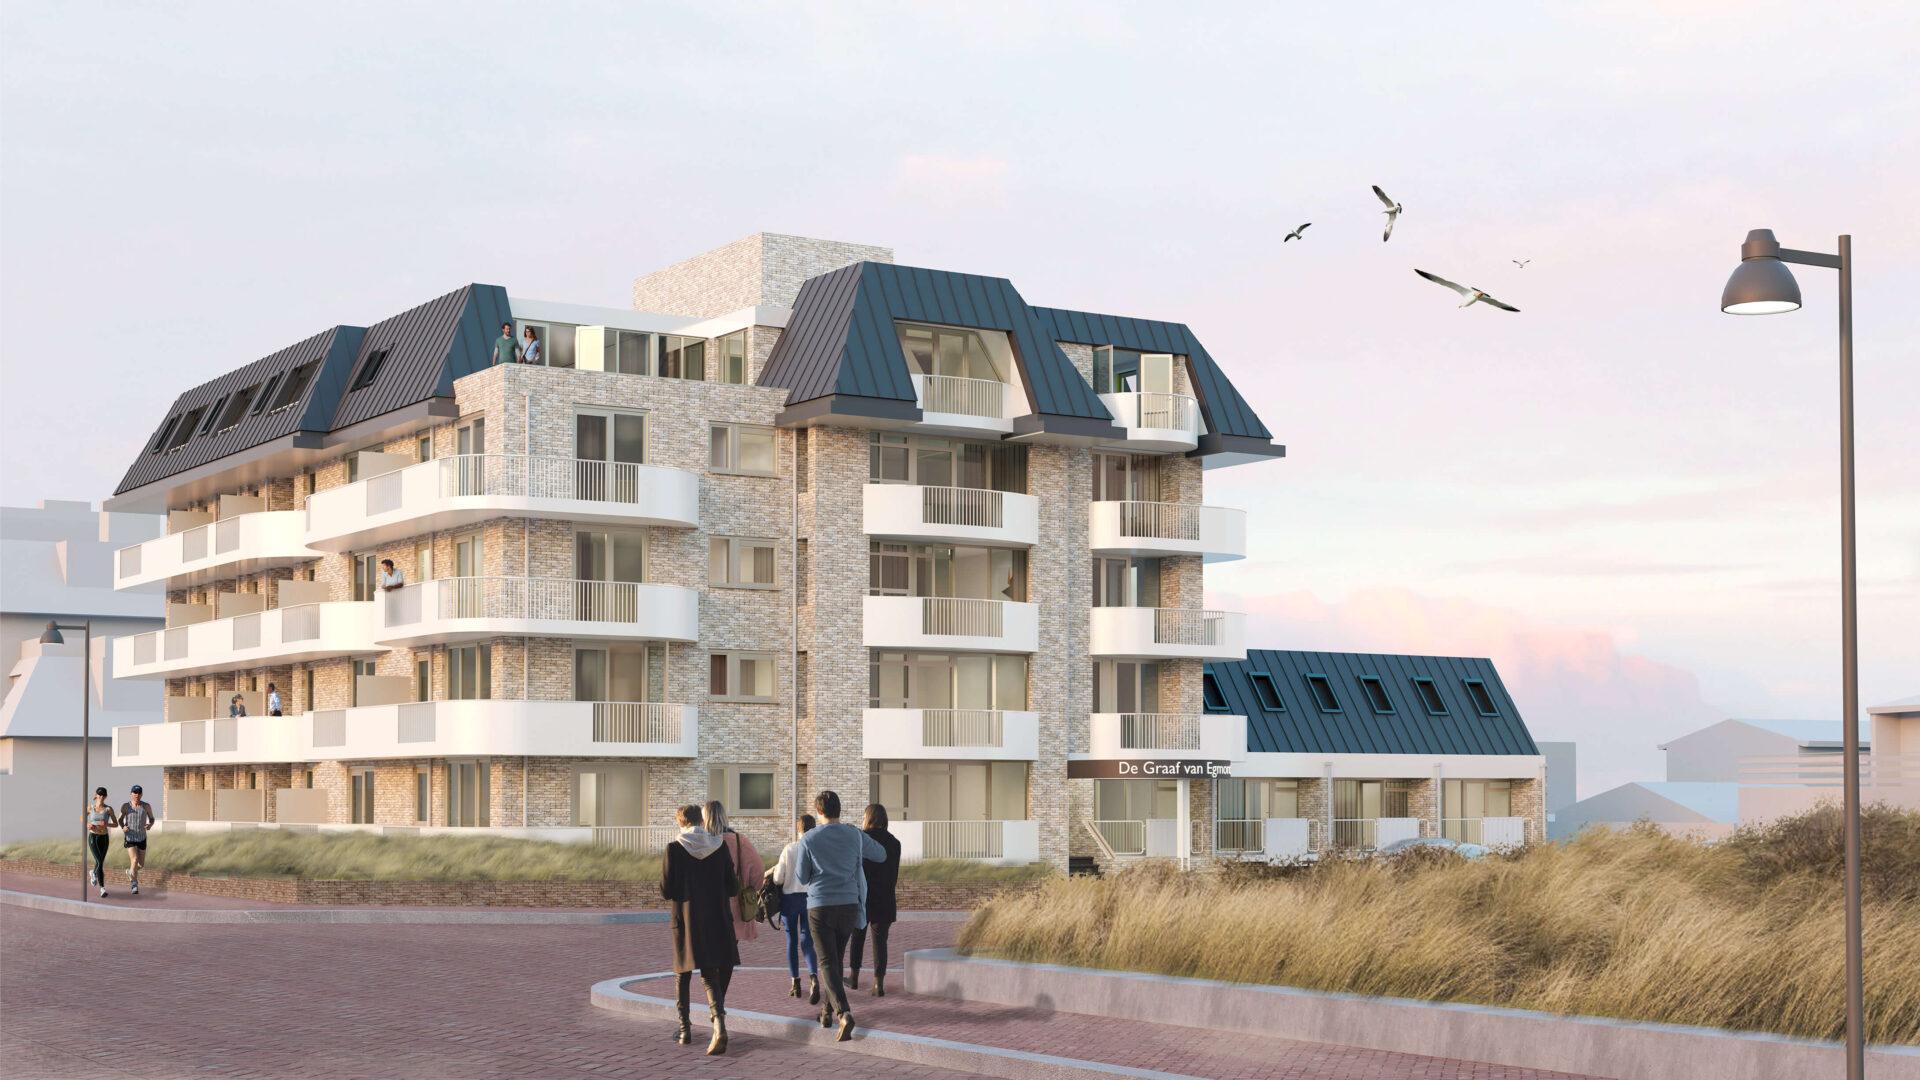 Nieuwe-situatie-hotel-graaf-van-Egmond-voor-renovatie-uitbereiding-architect-Zijlstra-Schipper-noord-holland-02